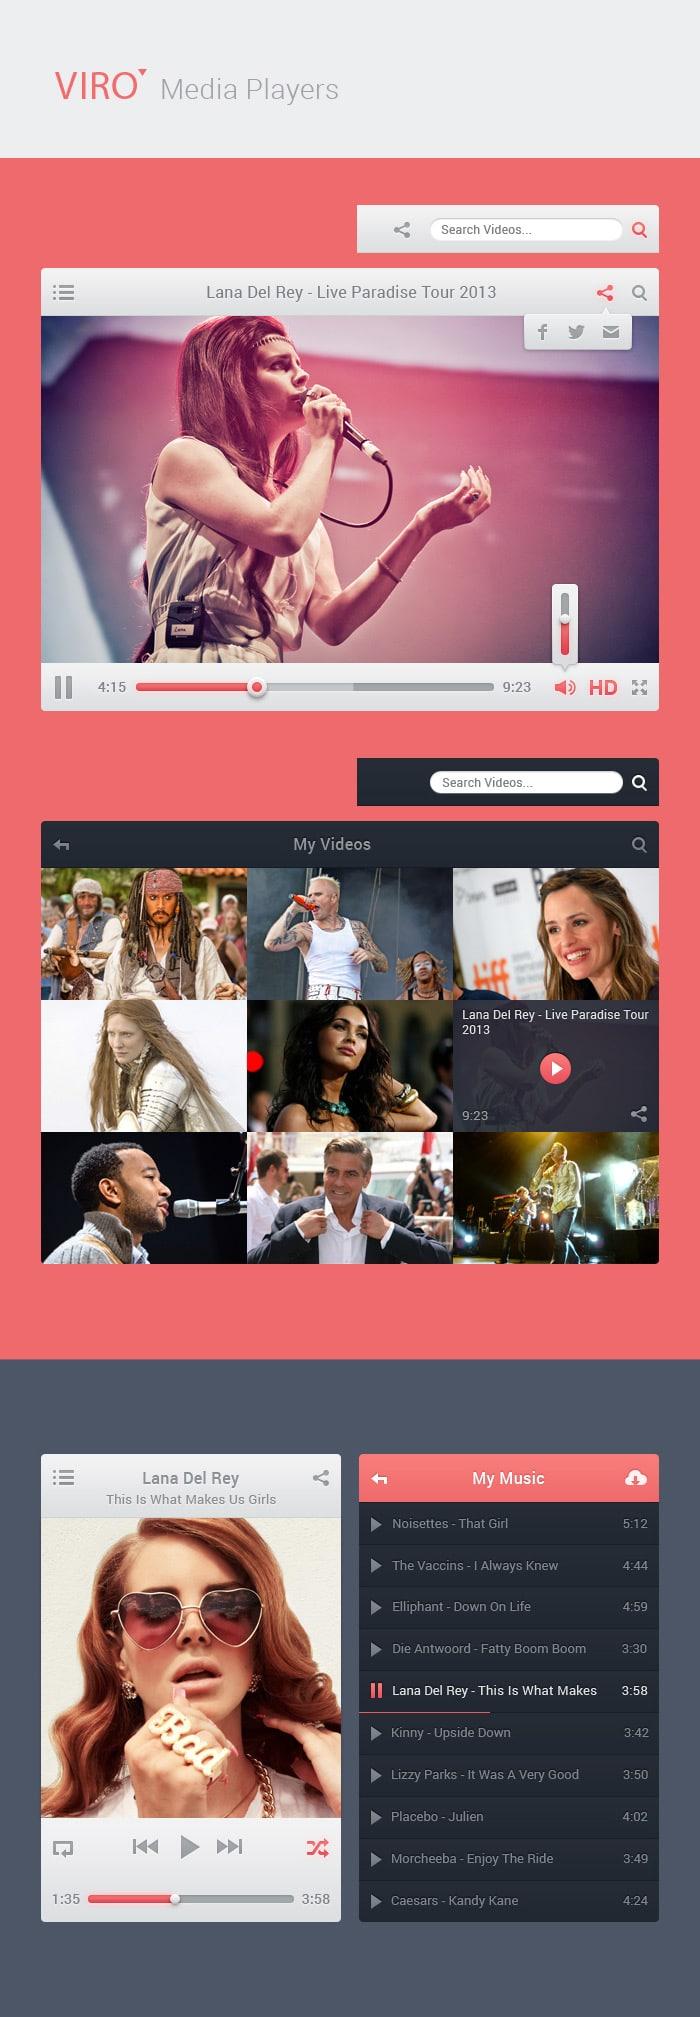 Viro Media Players UI